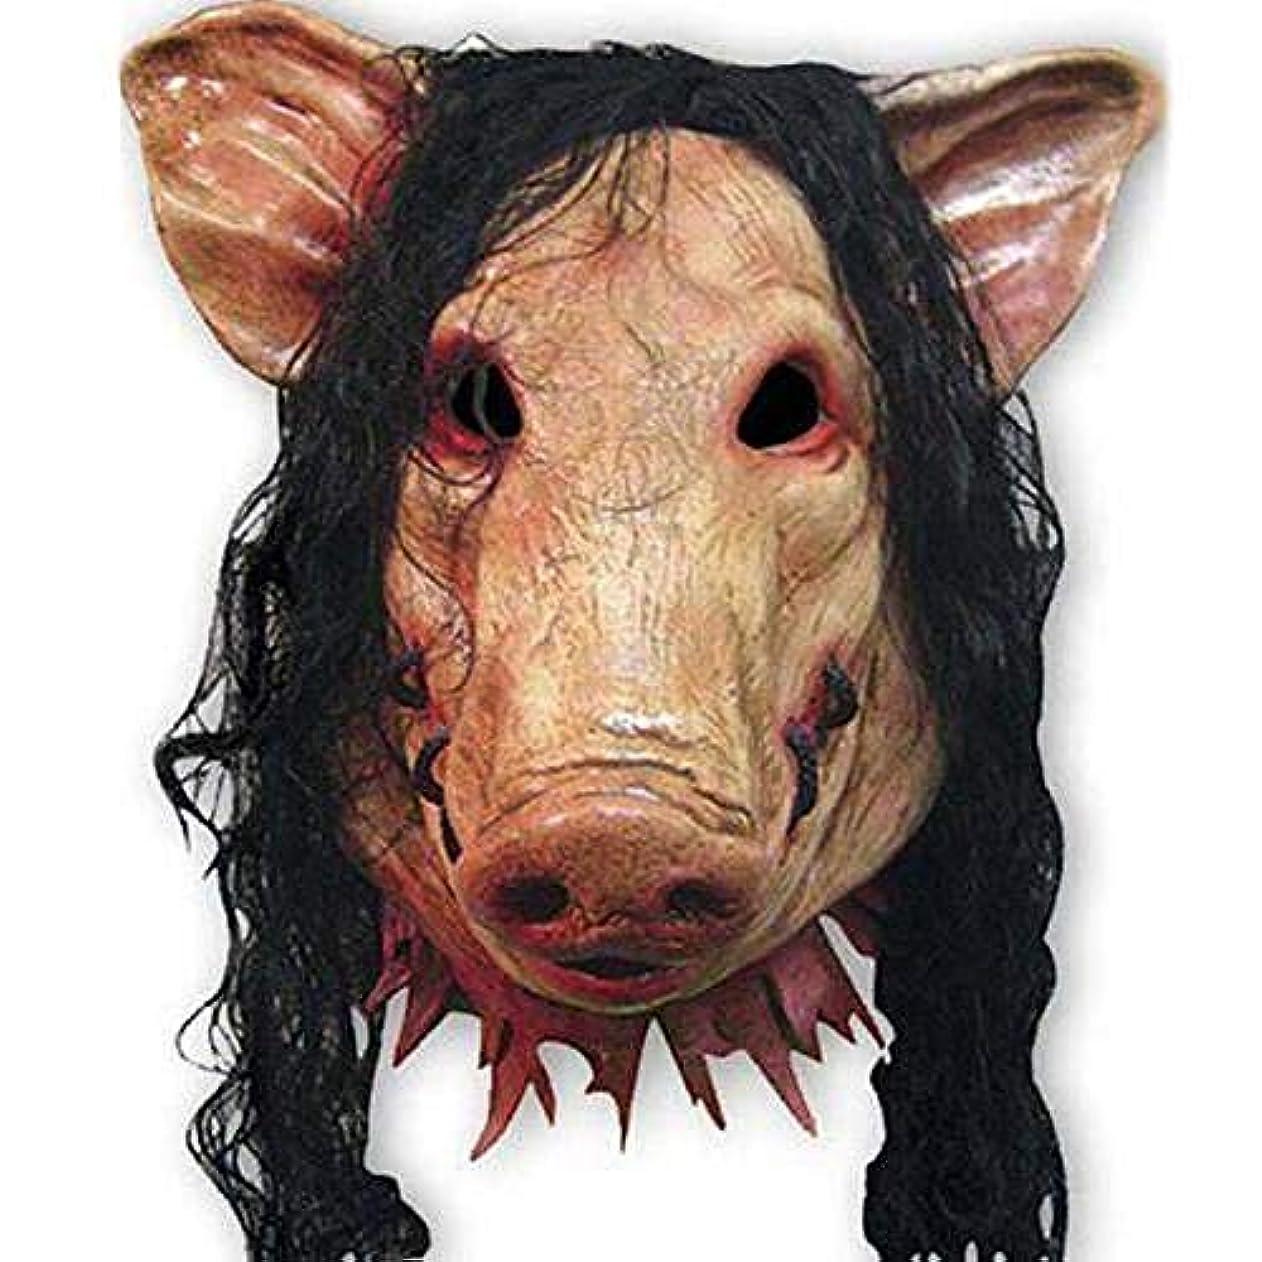 いう生まれ種ラテックス豚マスク-ハロウィンコスチュームボールコスチュームコスプレ、ユニセックス怖いマスク豚